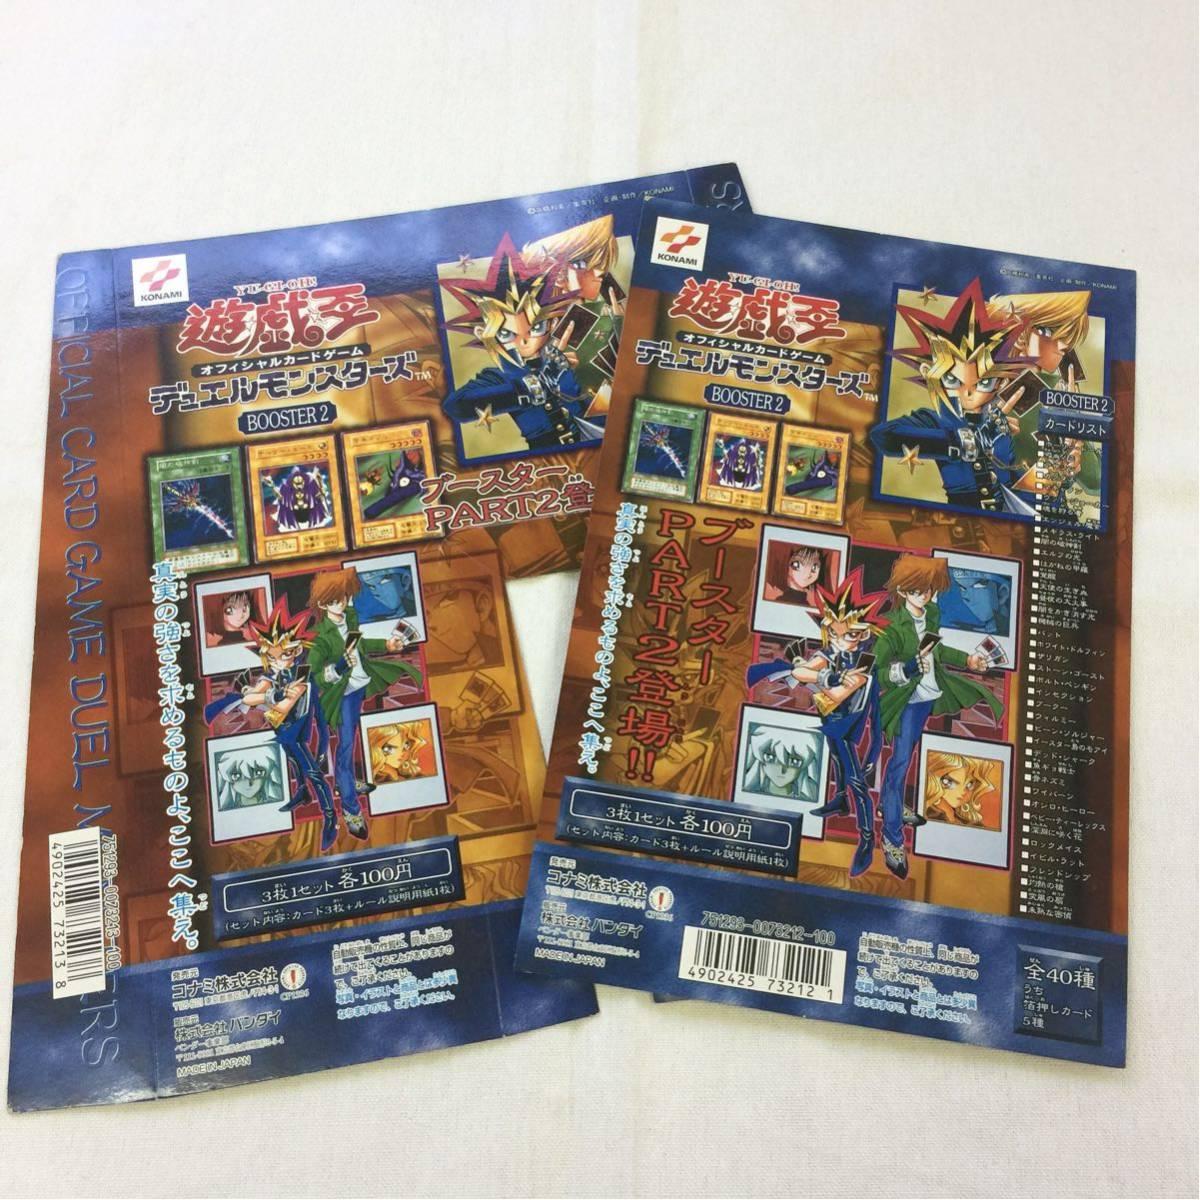 【送料無料】台紙 遊戯王 デュエルモンスターズ booster2 ディスプレイ 2枚セット / コナミ KONAMI 当時物 カードダス_画像1